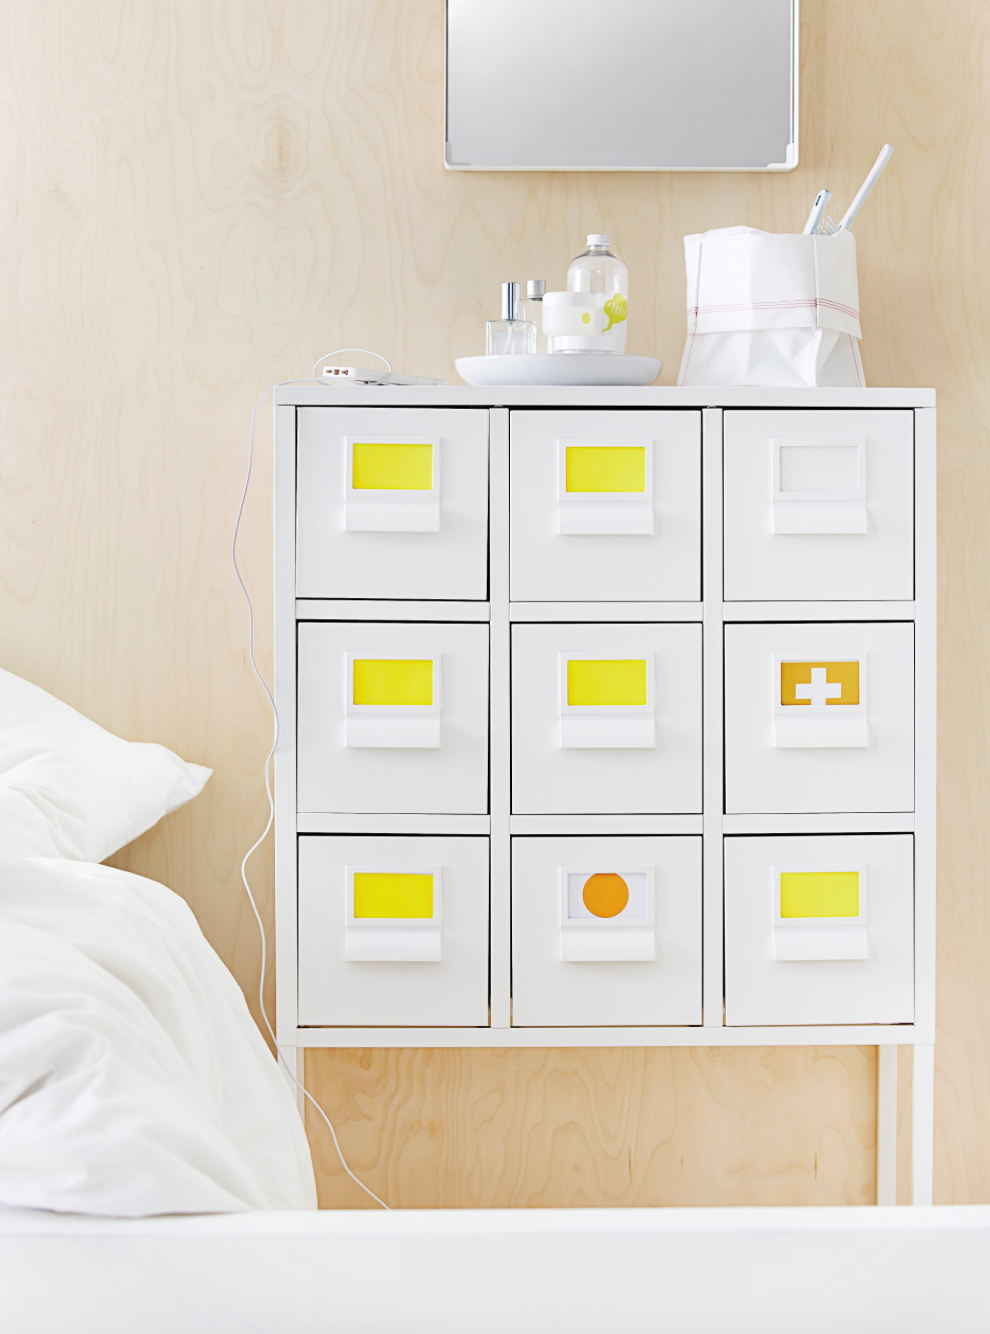 ab februar bringt ikea eine neue design kollektion auf den. Black Bedroom Furniture Sets. Home Design Ideas